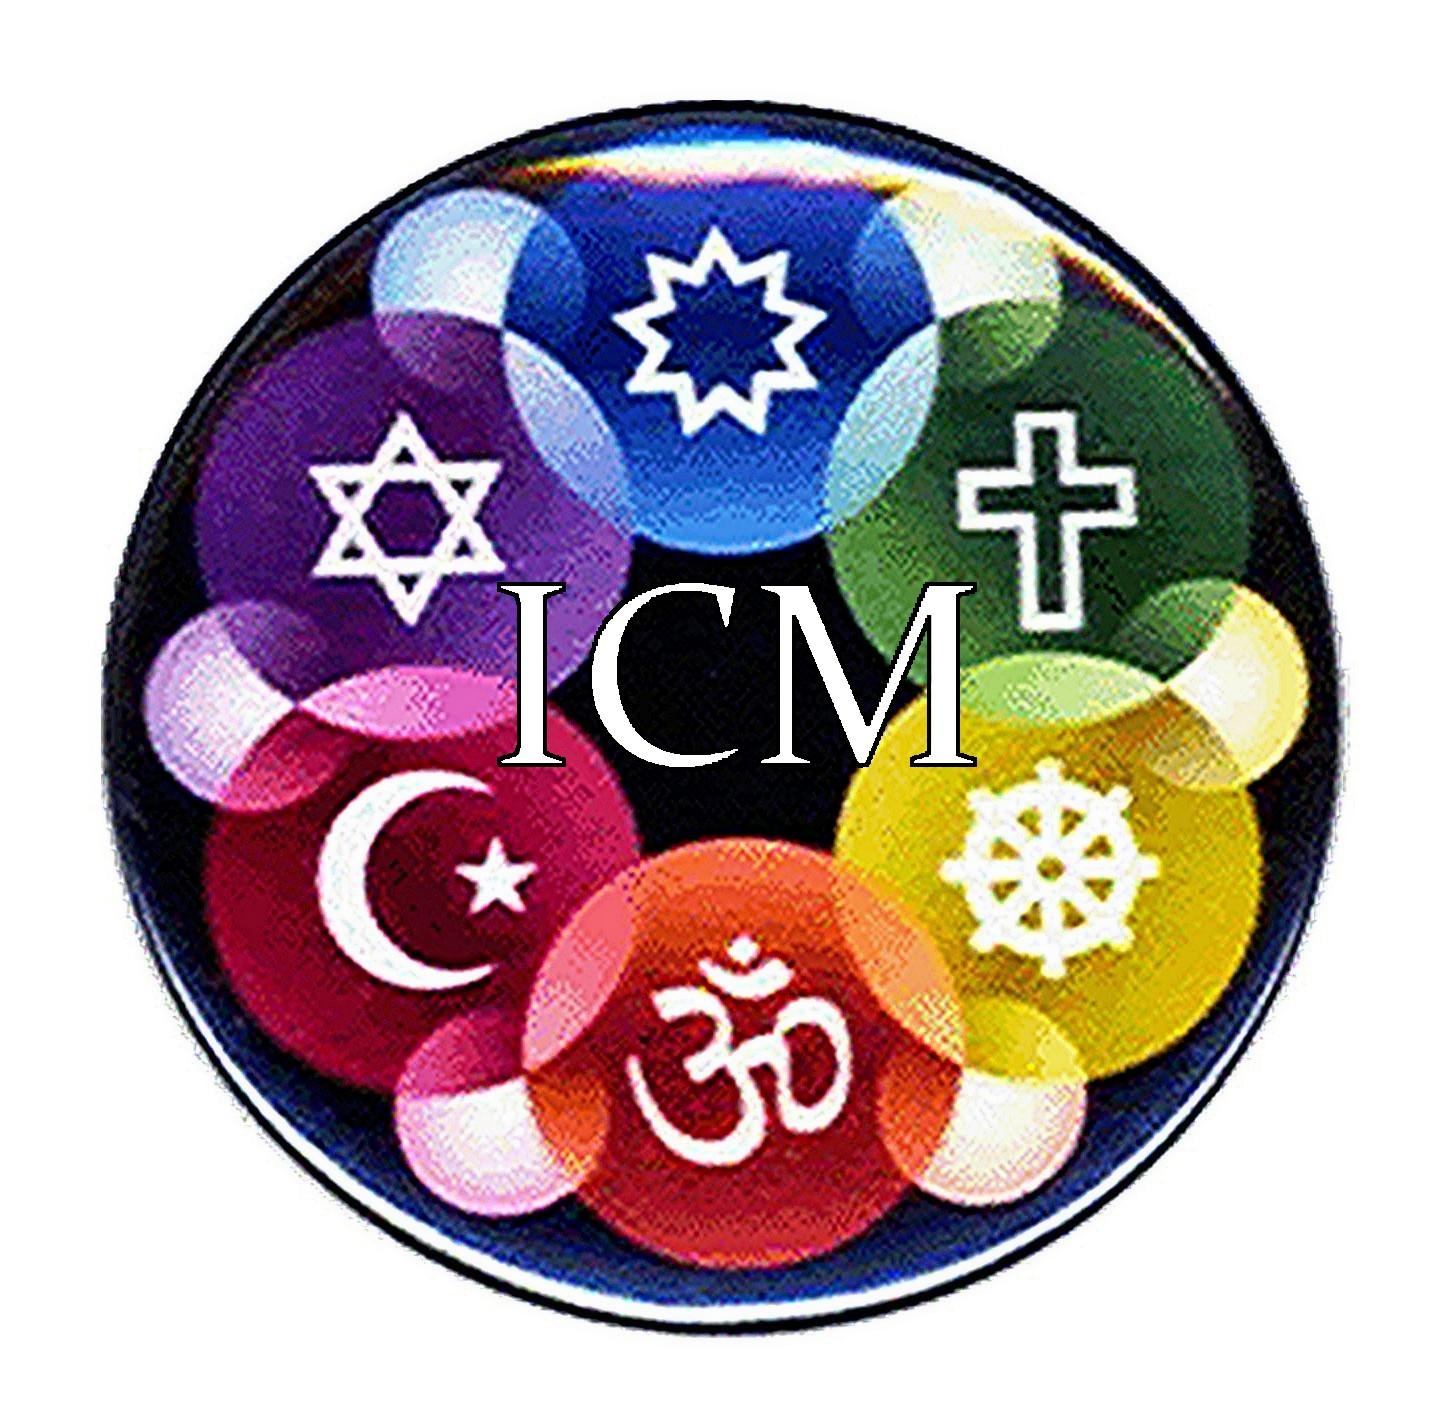 Interfaith Council of Monrovia